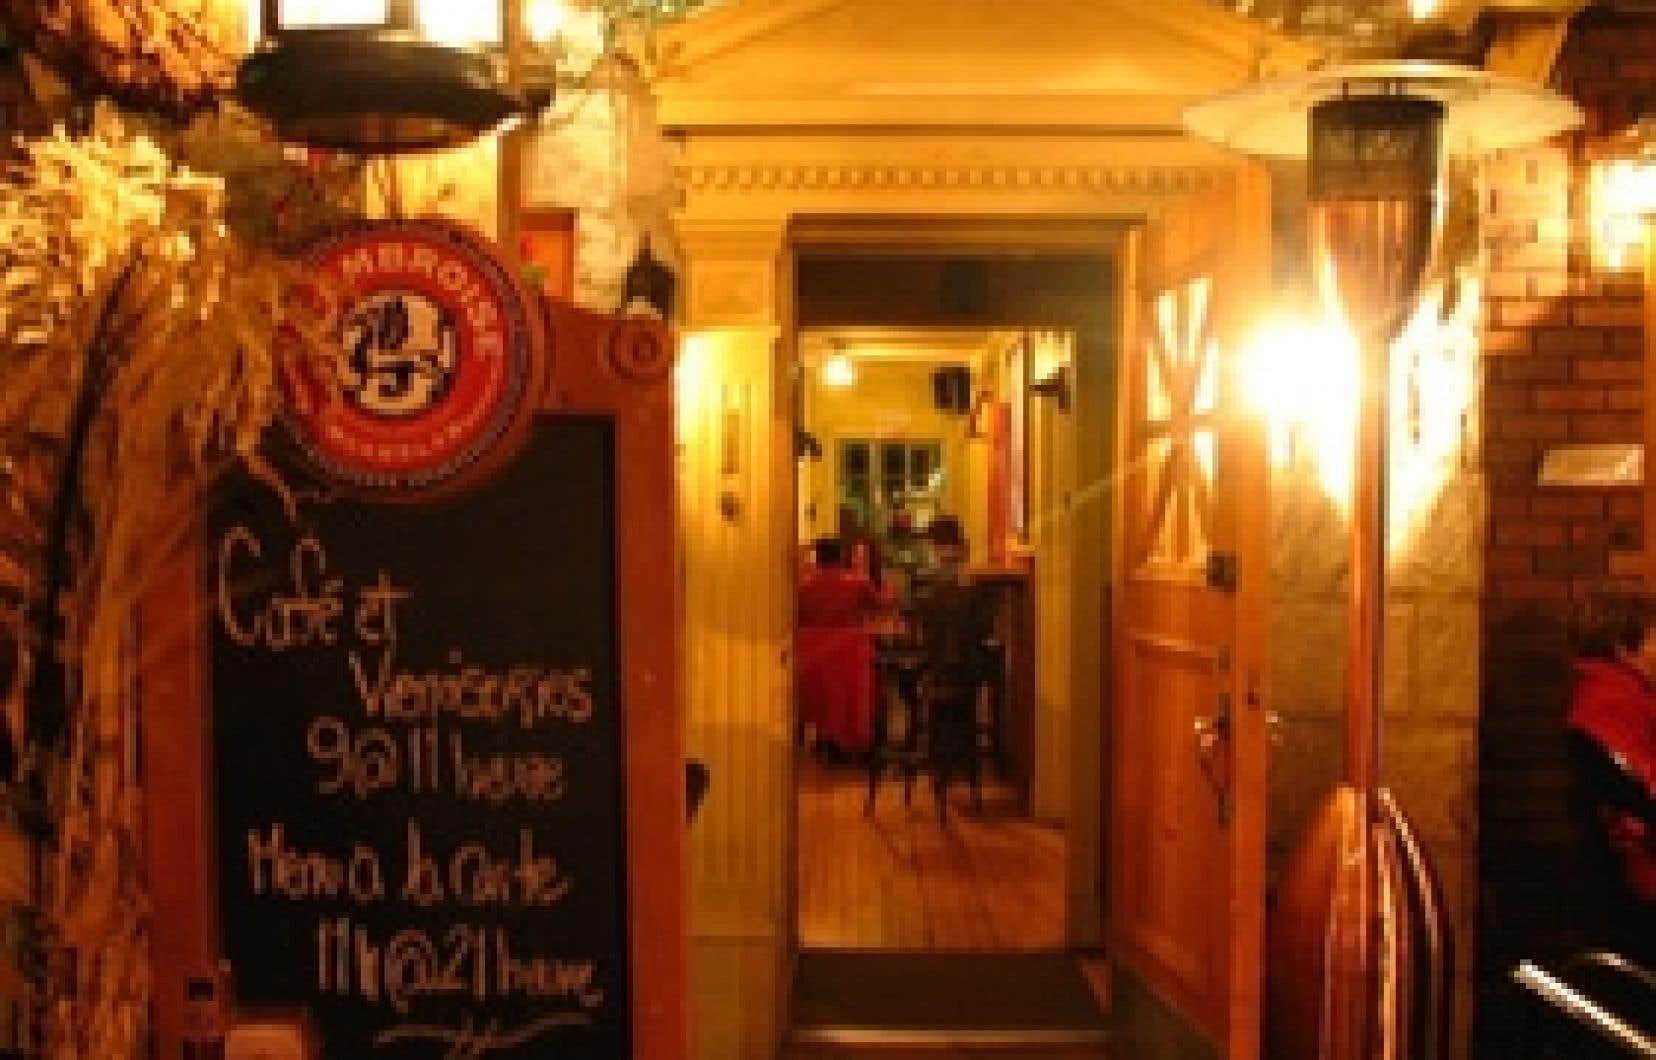 Le Vice Café occupe tout le premier étage d'une vieille maison, au 1 de la rue Sainte-Anne, juste en face de l'église, en plein coeur du vieux Baie-Saint-Paul. Le lieu a du cachet: une grande maison aux pièces largement ouvertes les unes sur les